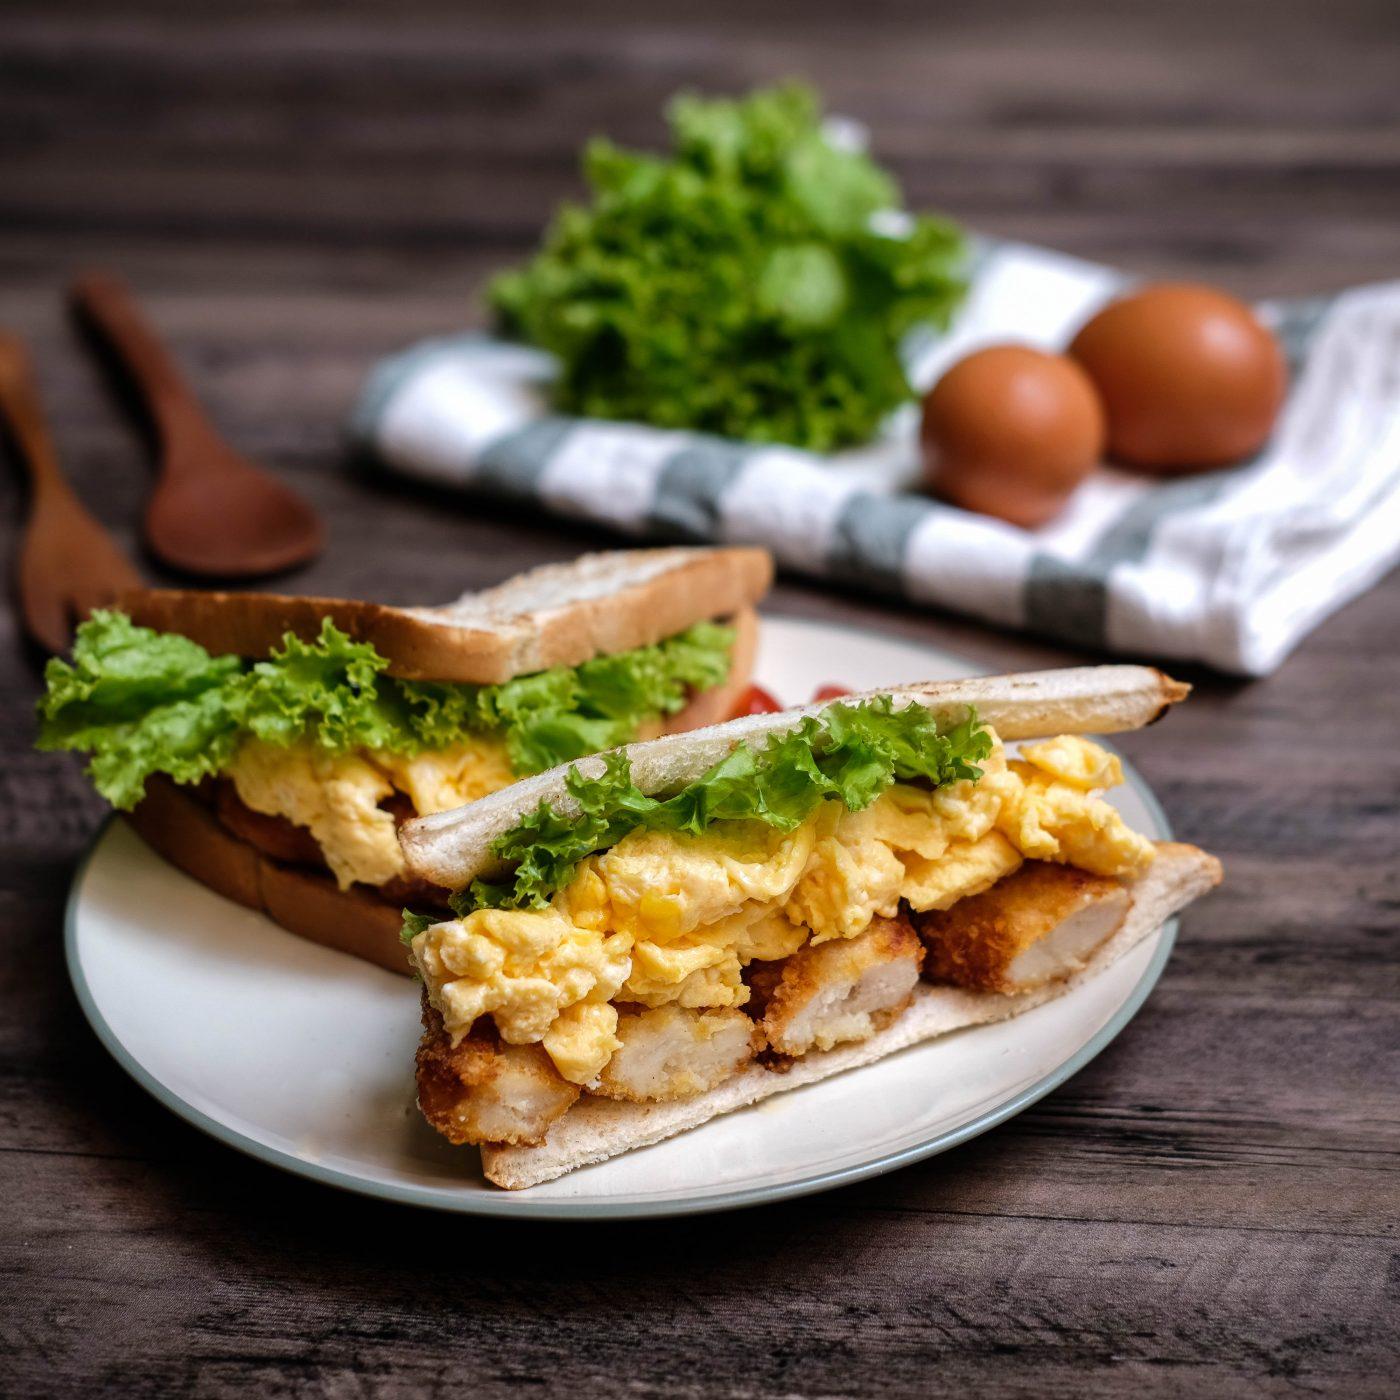 Image Chicken Katsu Sandwich